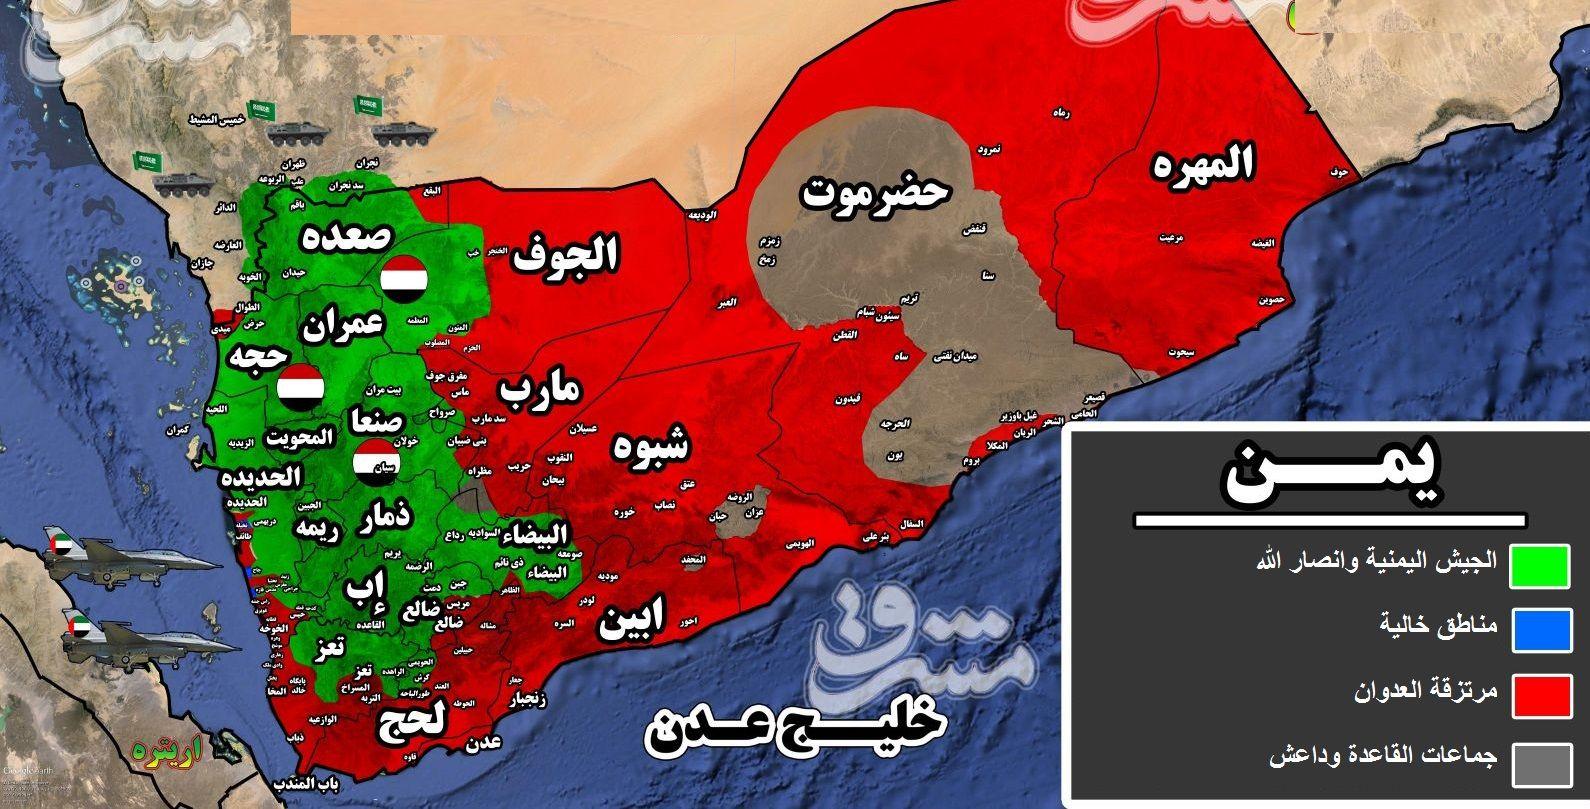 آخر التطورات الميدانية في محافظة الجوف ضربات قاتلة تنهال على مرتزقة العدوان خريطة ميدانية وصور